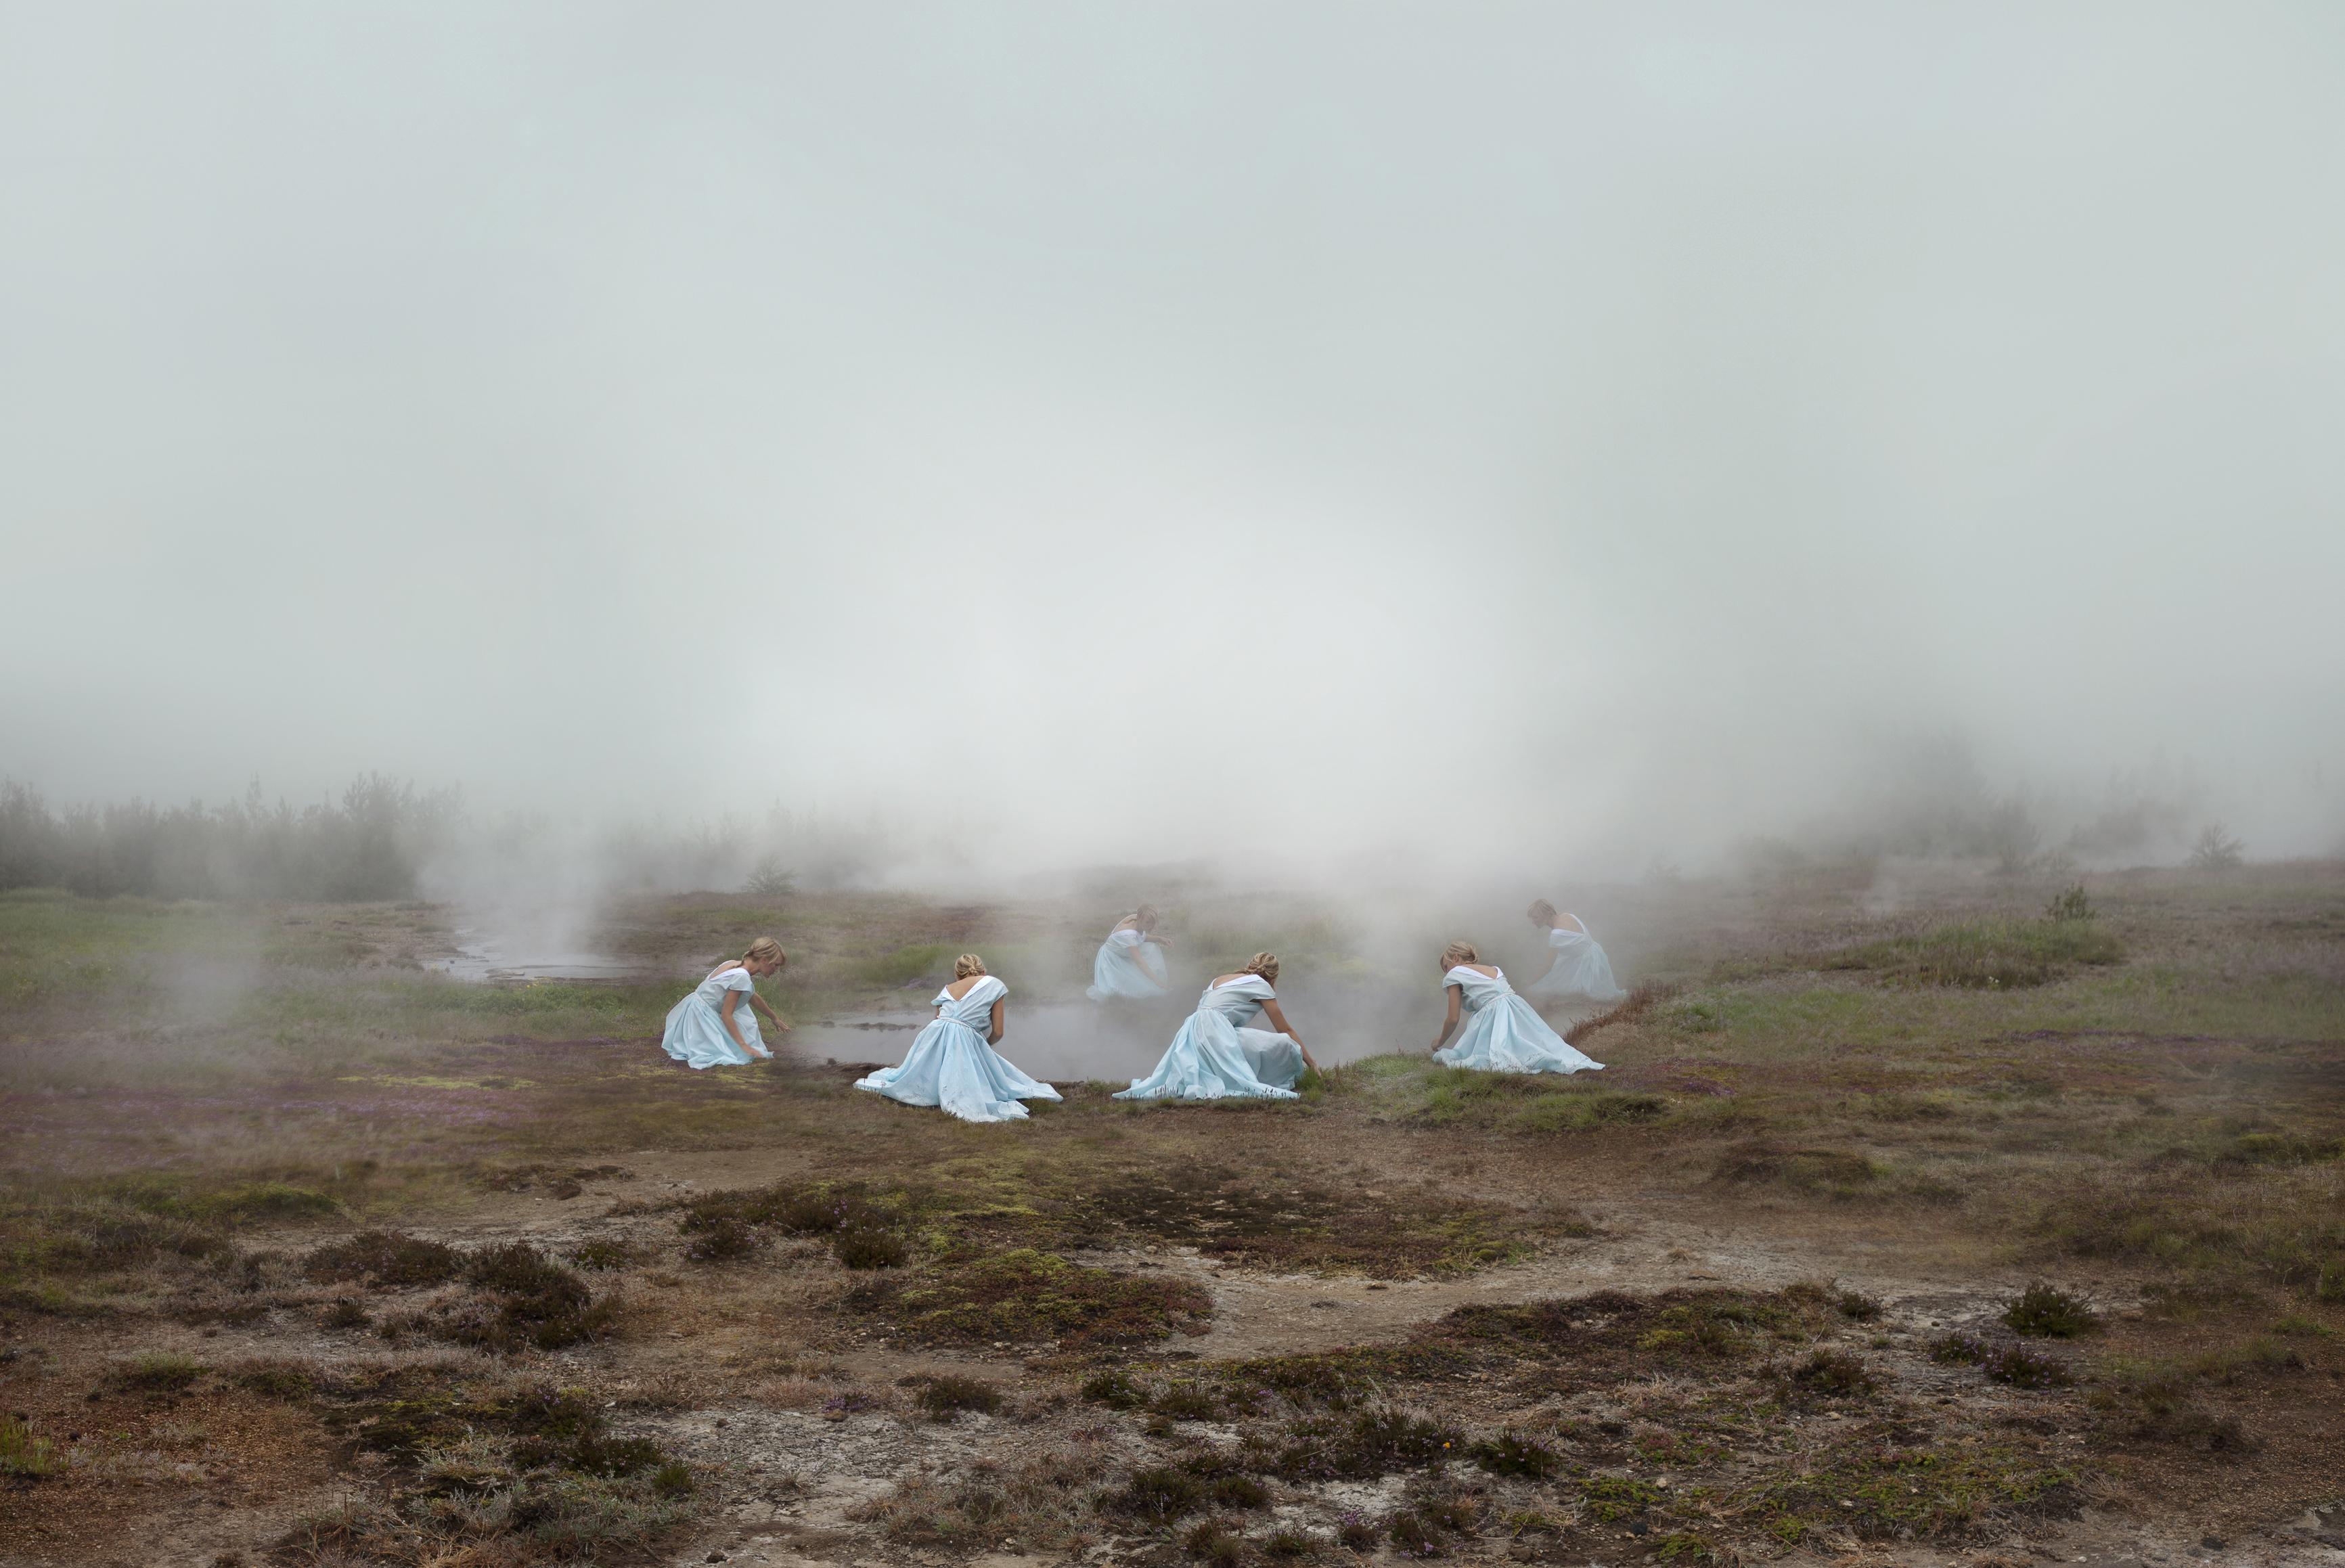 Ann Eringstam - In search of wonderland 1